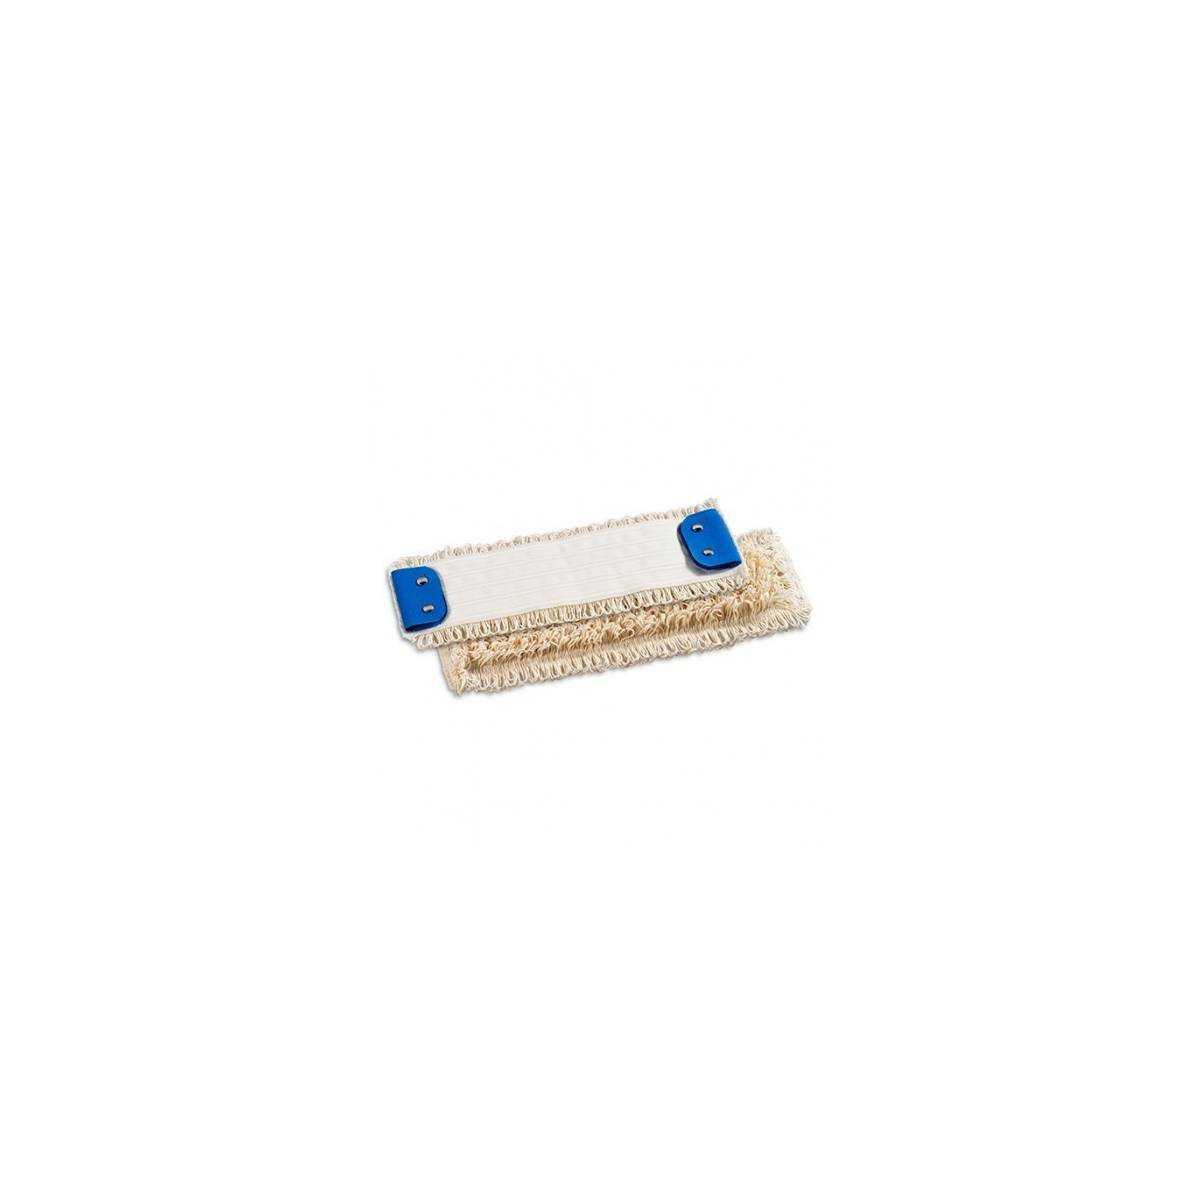 Моп петельный с кнопками хлопок 44см 00000644 TTS